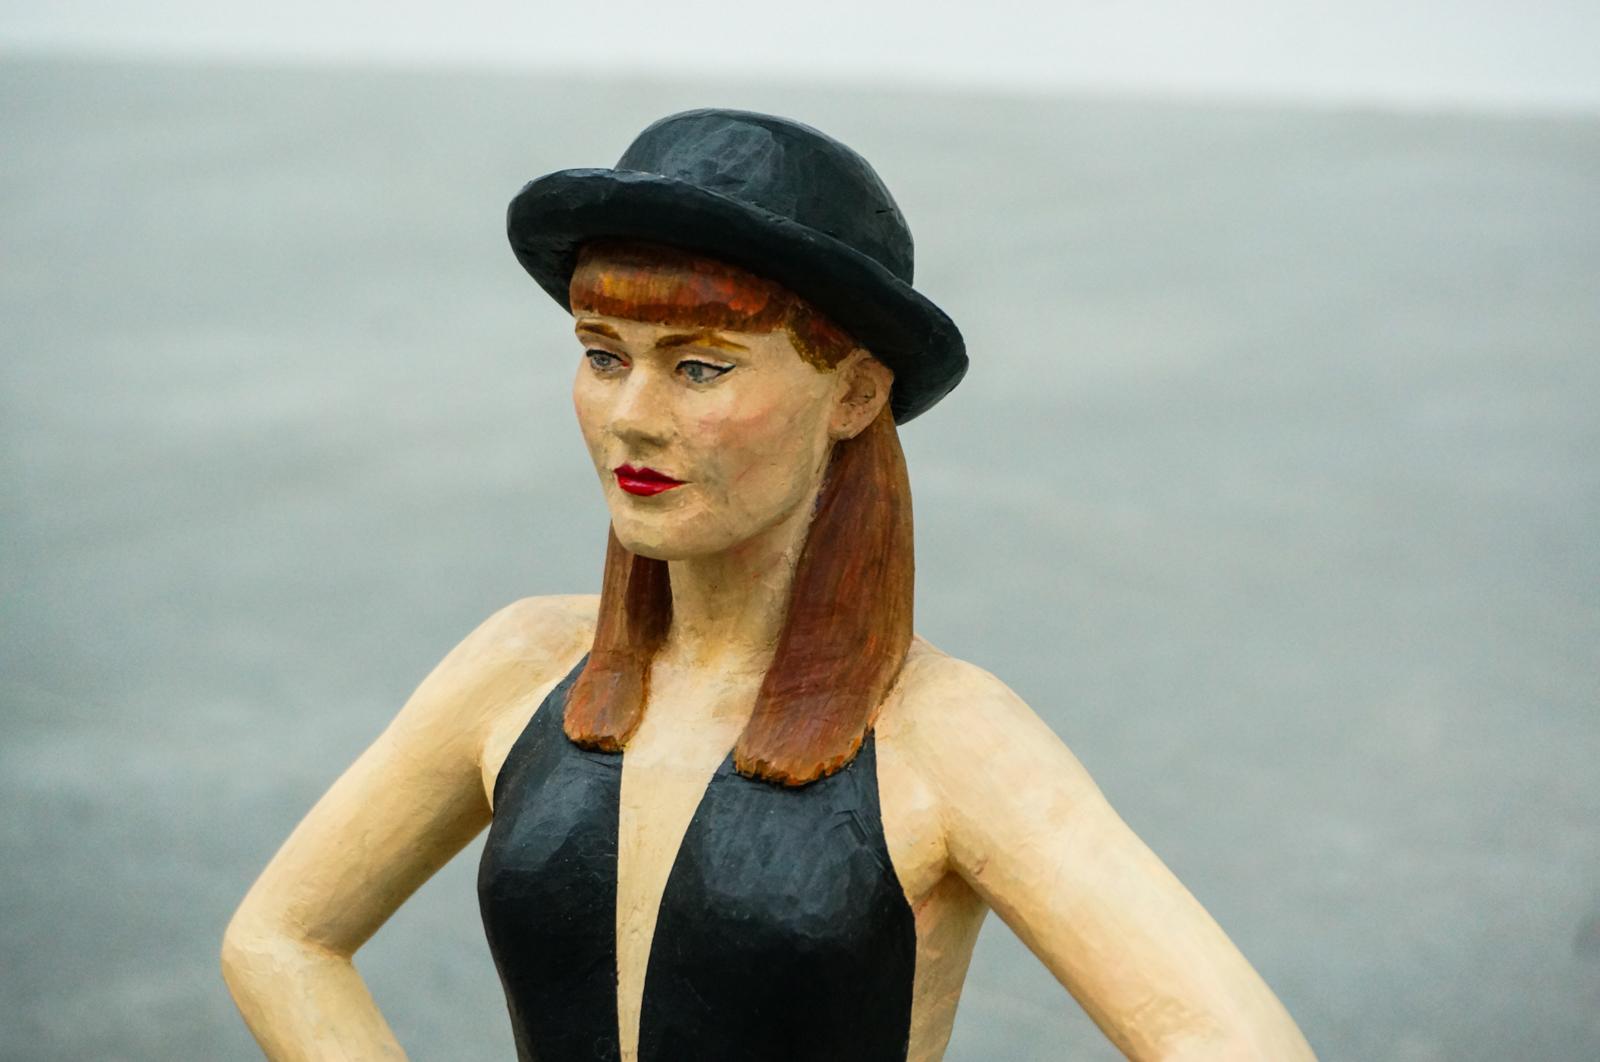 Sculptures Tomaki Suzuki, palais tokyo, musée art contemporain, musée art contemporain paris, centre d'art contemporain, musée d'art moderne paris, encore un jour-banane poisson rêve